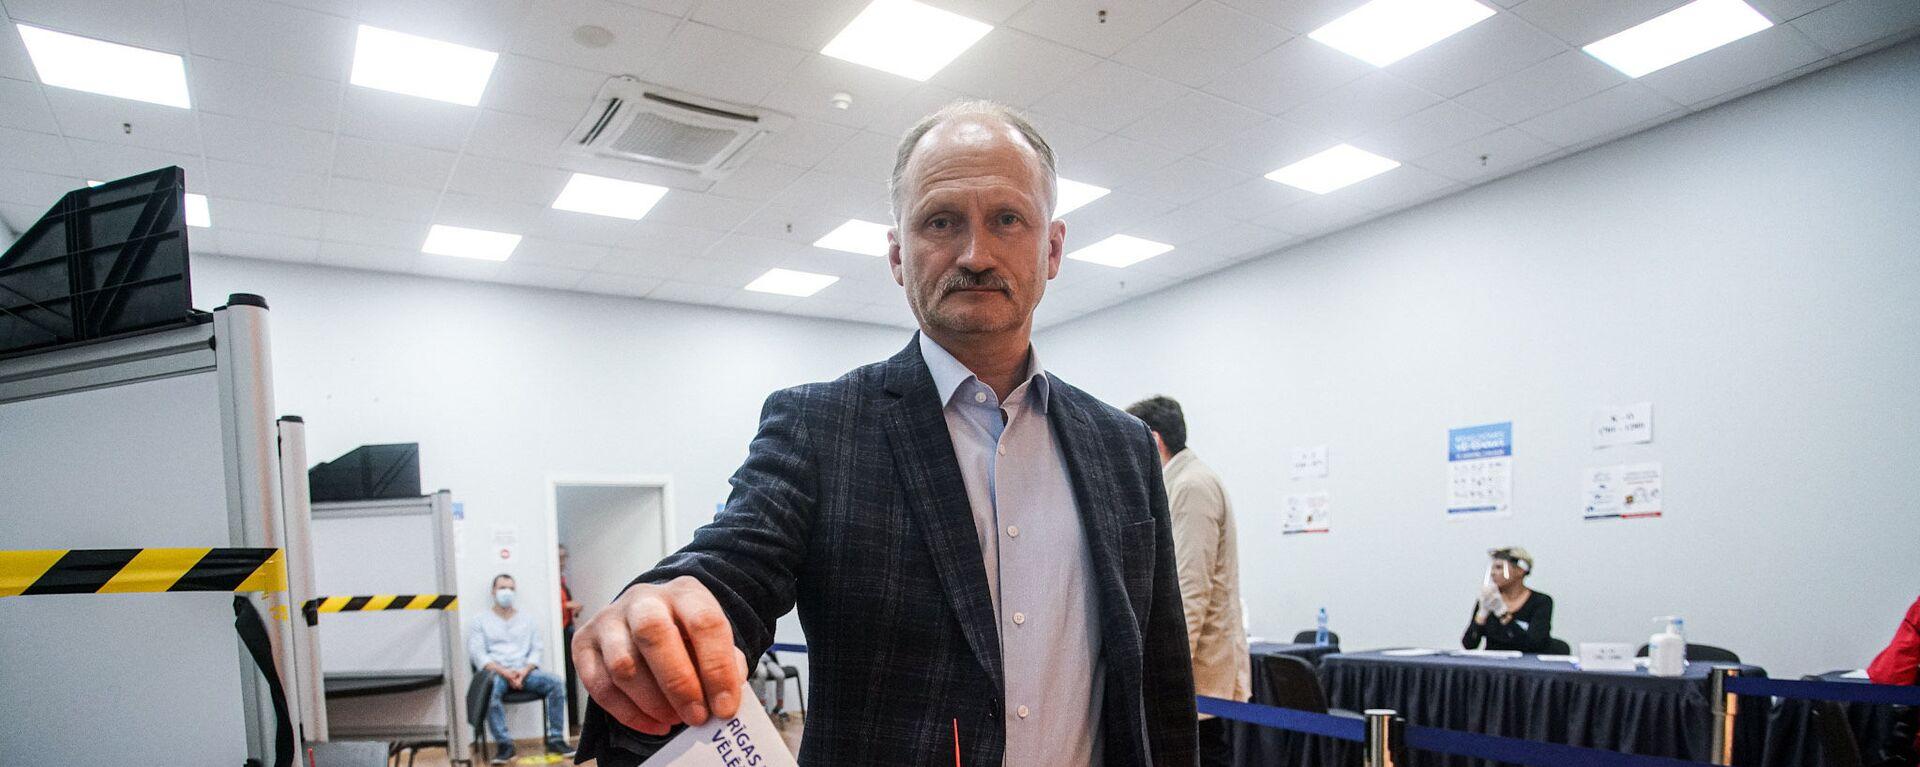 Сопредседатель Русского союза Латвии Мирослав Митрофанов. - Sputnik Латвия, 1920, 05.10.2021